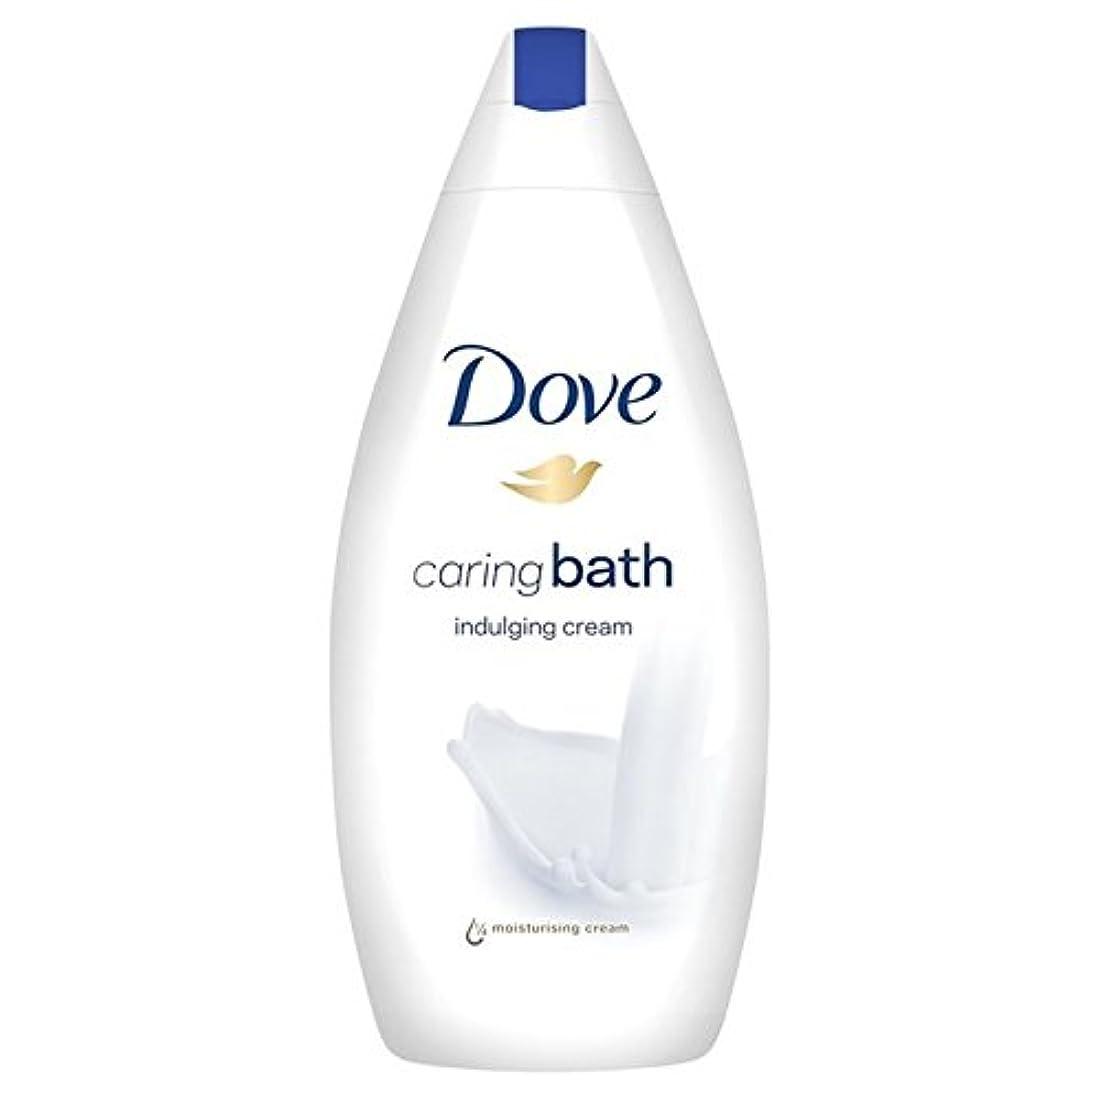 イノセンス底関税Dove Indulging Caring Bath 500ml (Pack of 6) - 思いやりのバス500ミリリットルをふける鳩 x6 [並行輸入品]